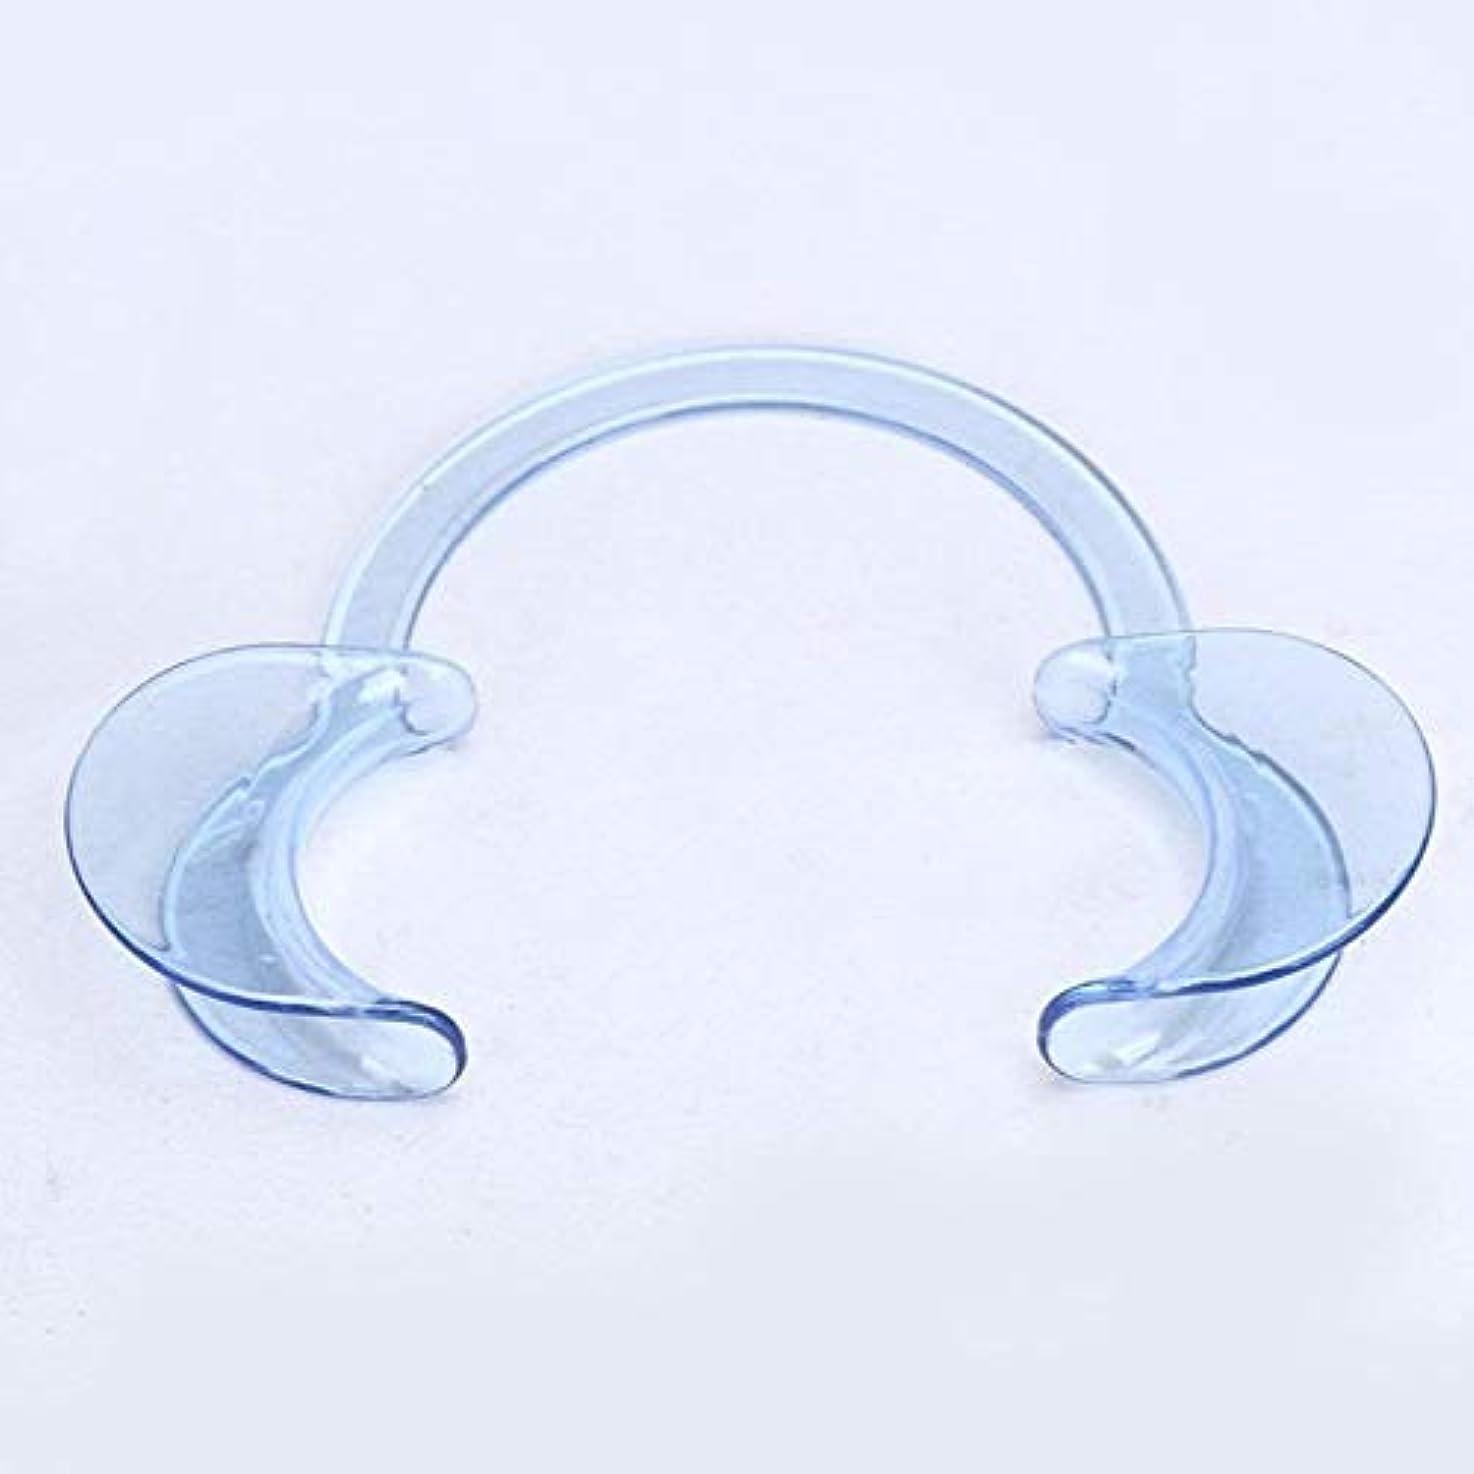 実用的マエストロ童謡DC パック 歯科 C型 開口器 口オープナー マウスオープナー 開口マウスオープナー C型ホワイトニング口の開創器